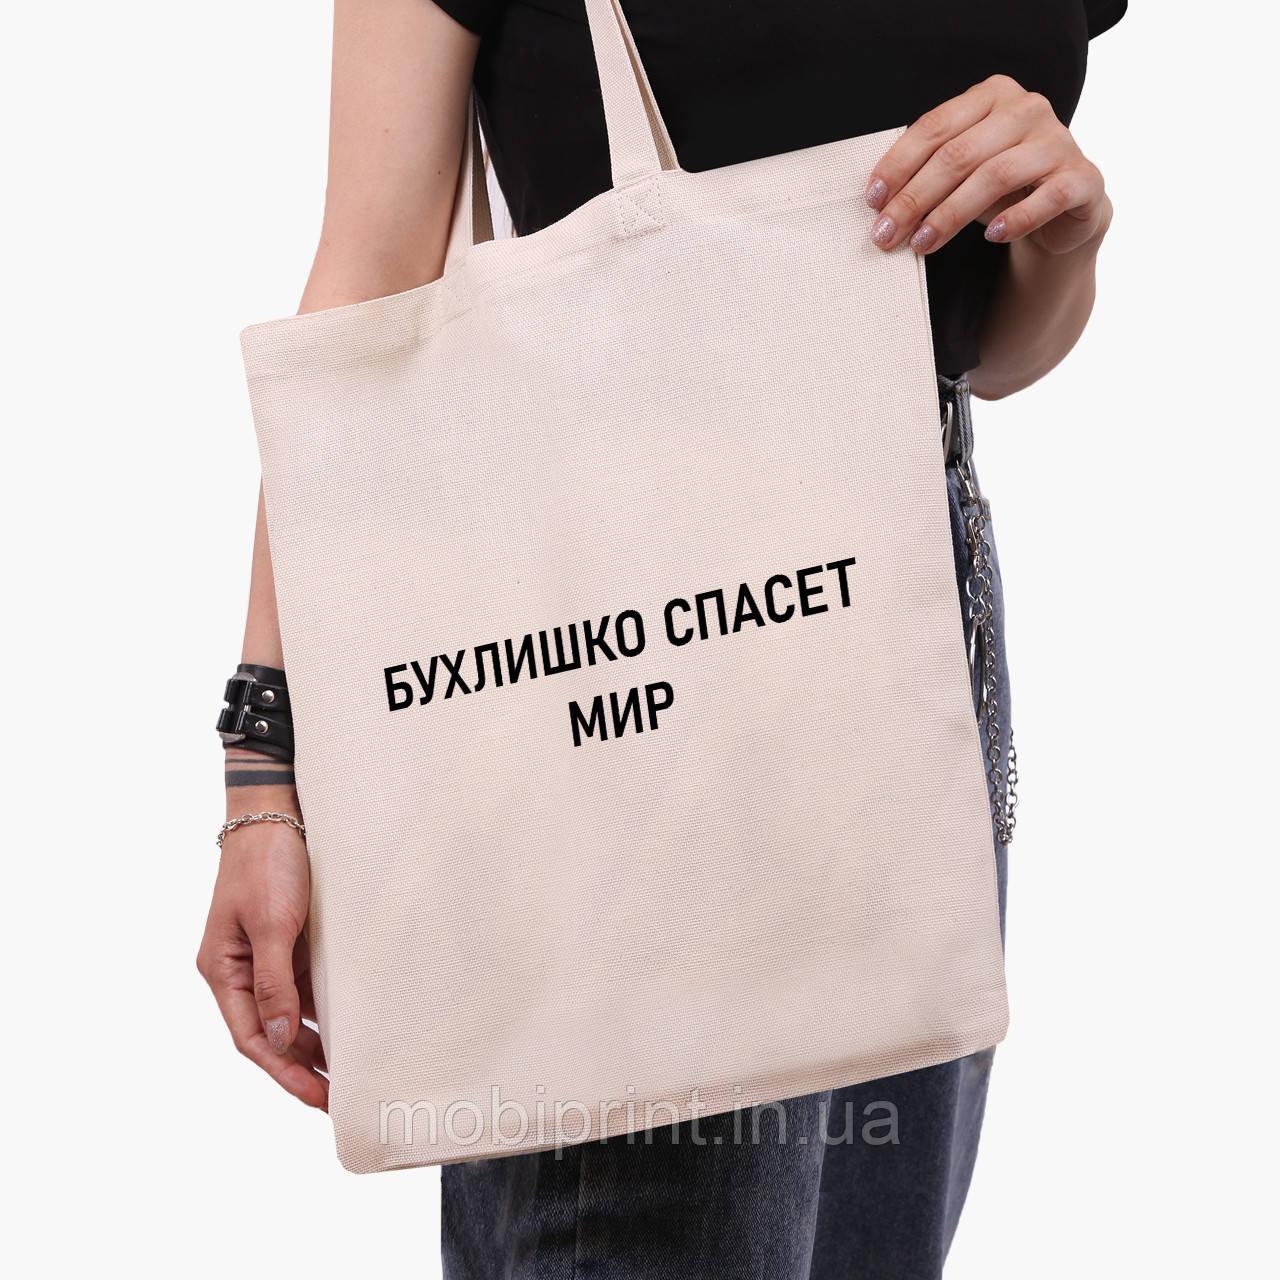 Эко сумка шоппер Бухлишко спасет мир (Alcohol will save the world) (9227-1779)  экосумка шопер 41*35 см